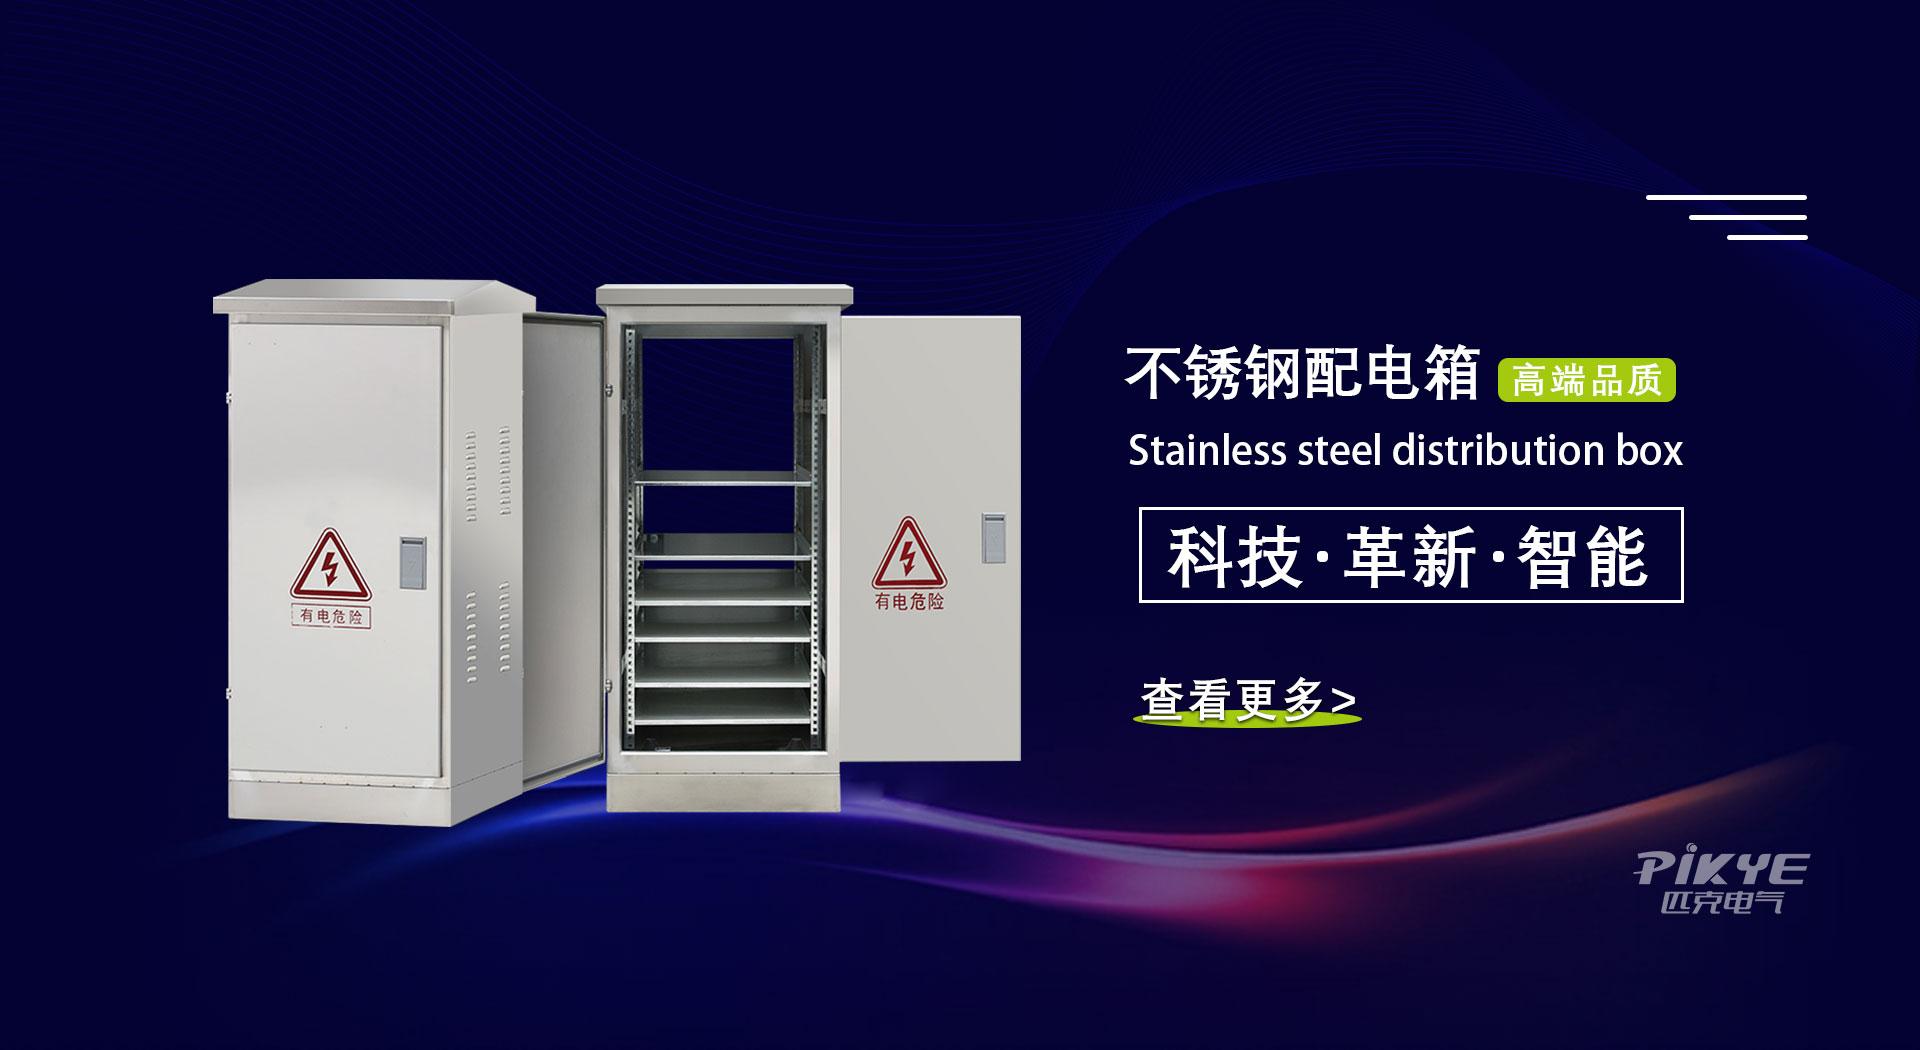 浙江匹克电气有限公司